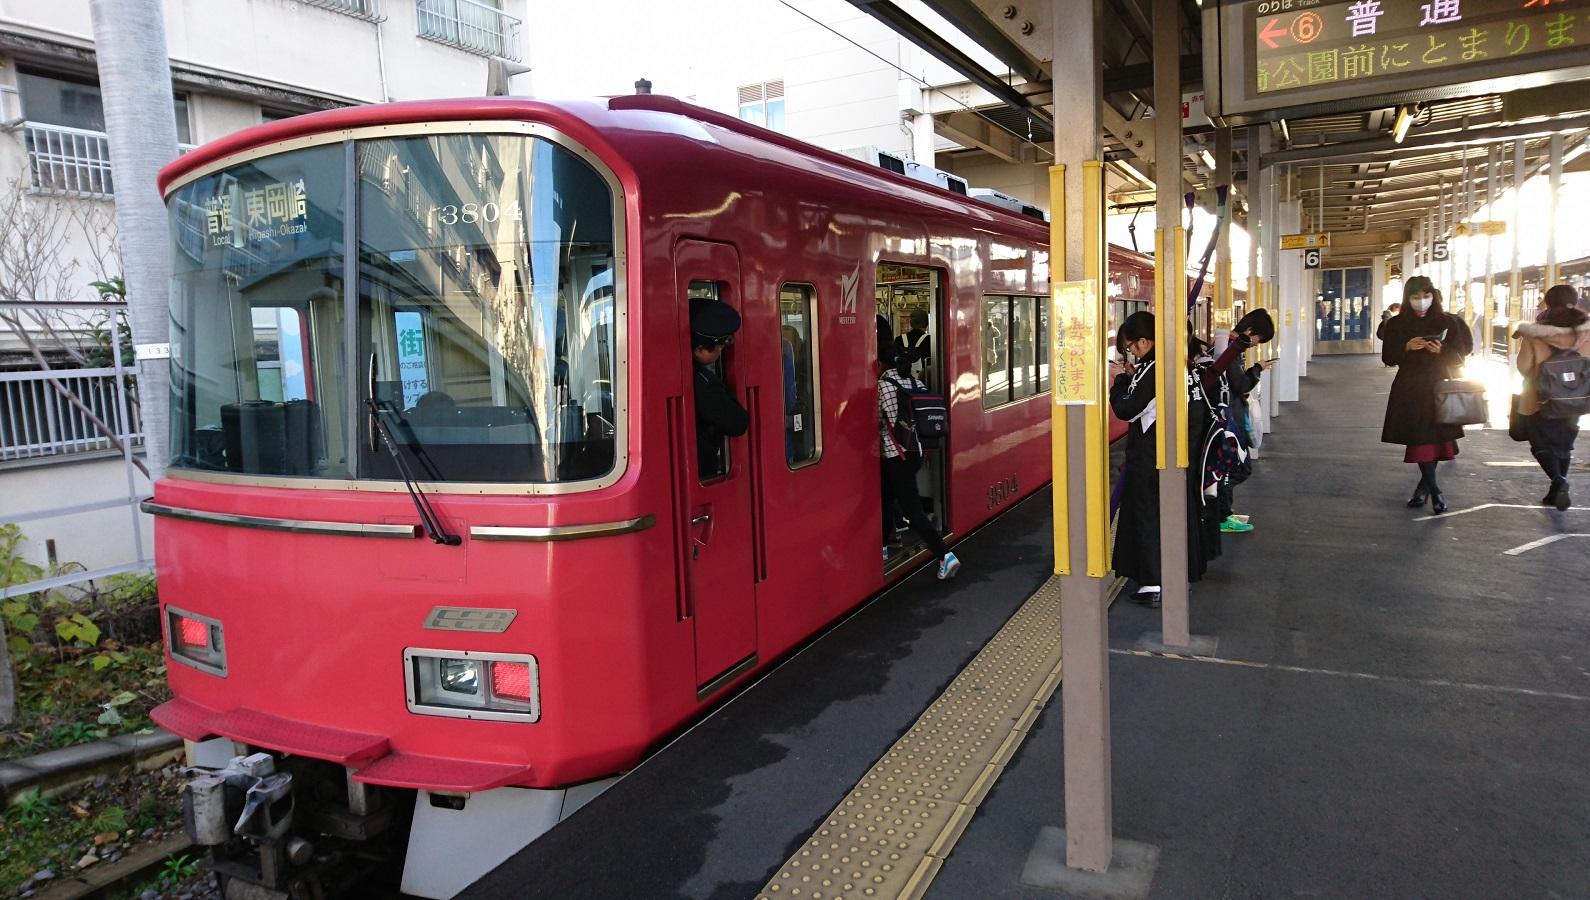 2016.12.23 井伊谷まで (5) しんあんじょう - 東岡崎いきふつう 1590-900